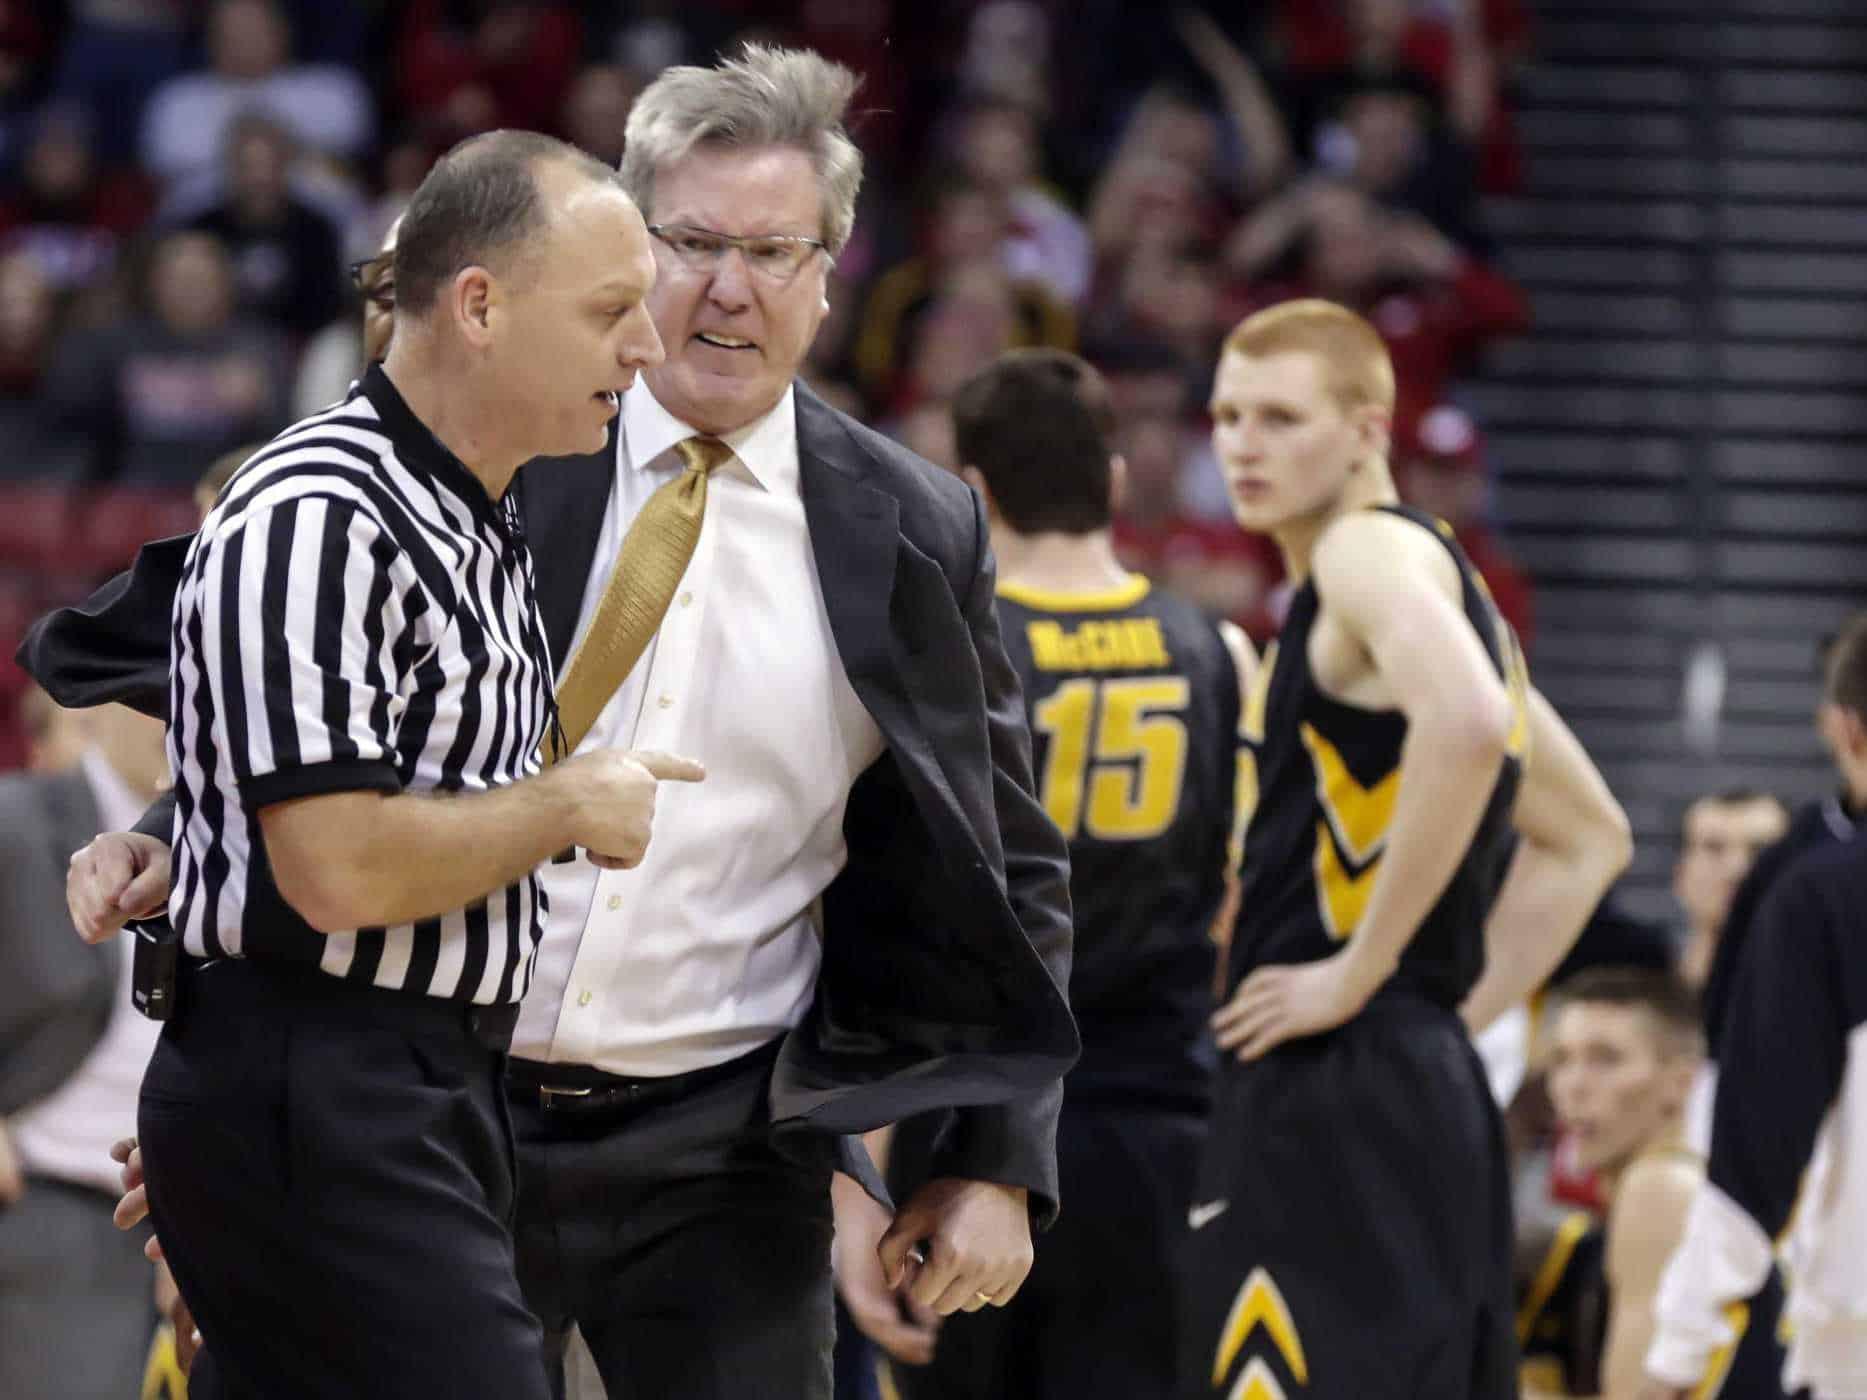 Urla e insulti, quando il coach si scalda